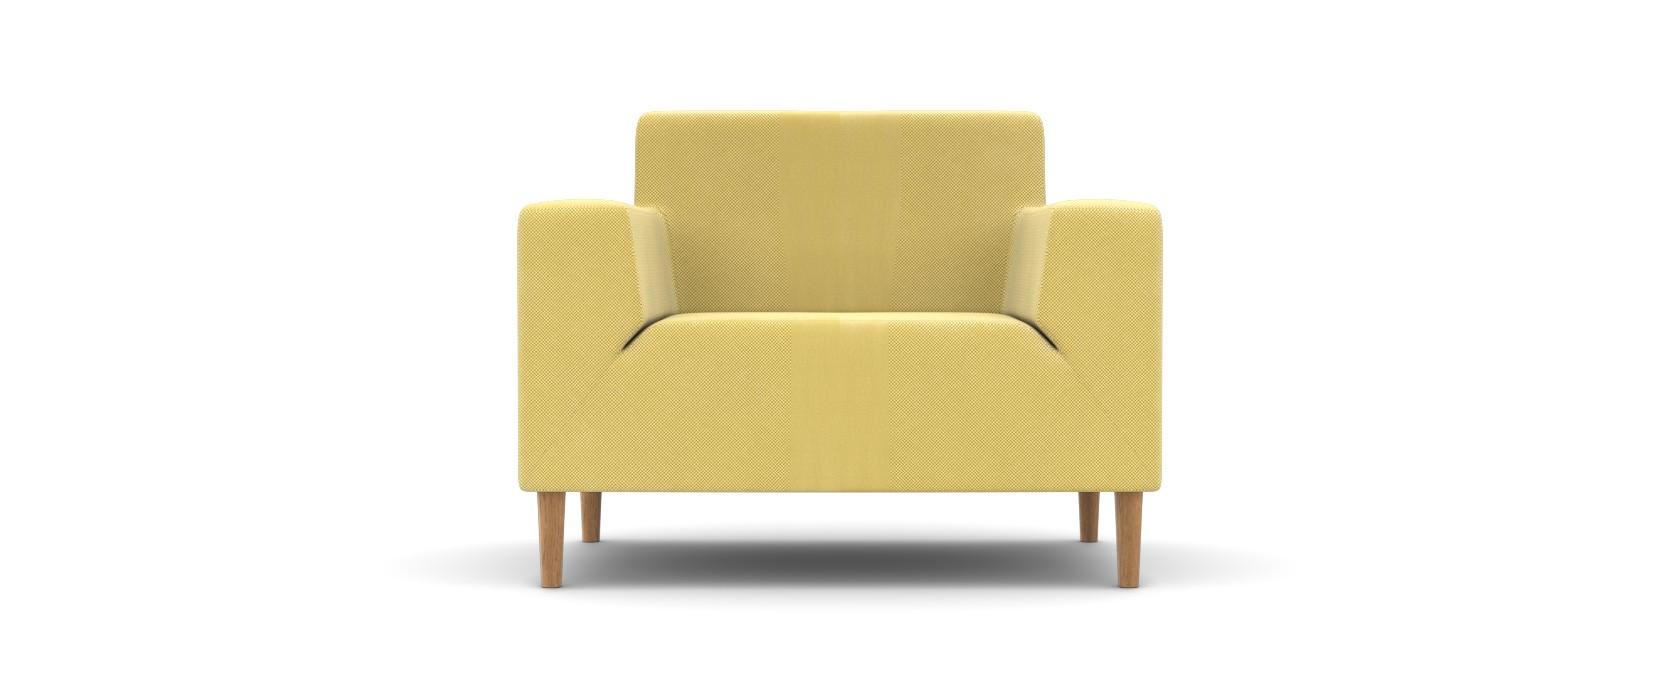 Кресло Livorno Classic - Pufetto